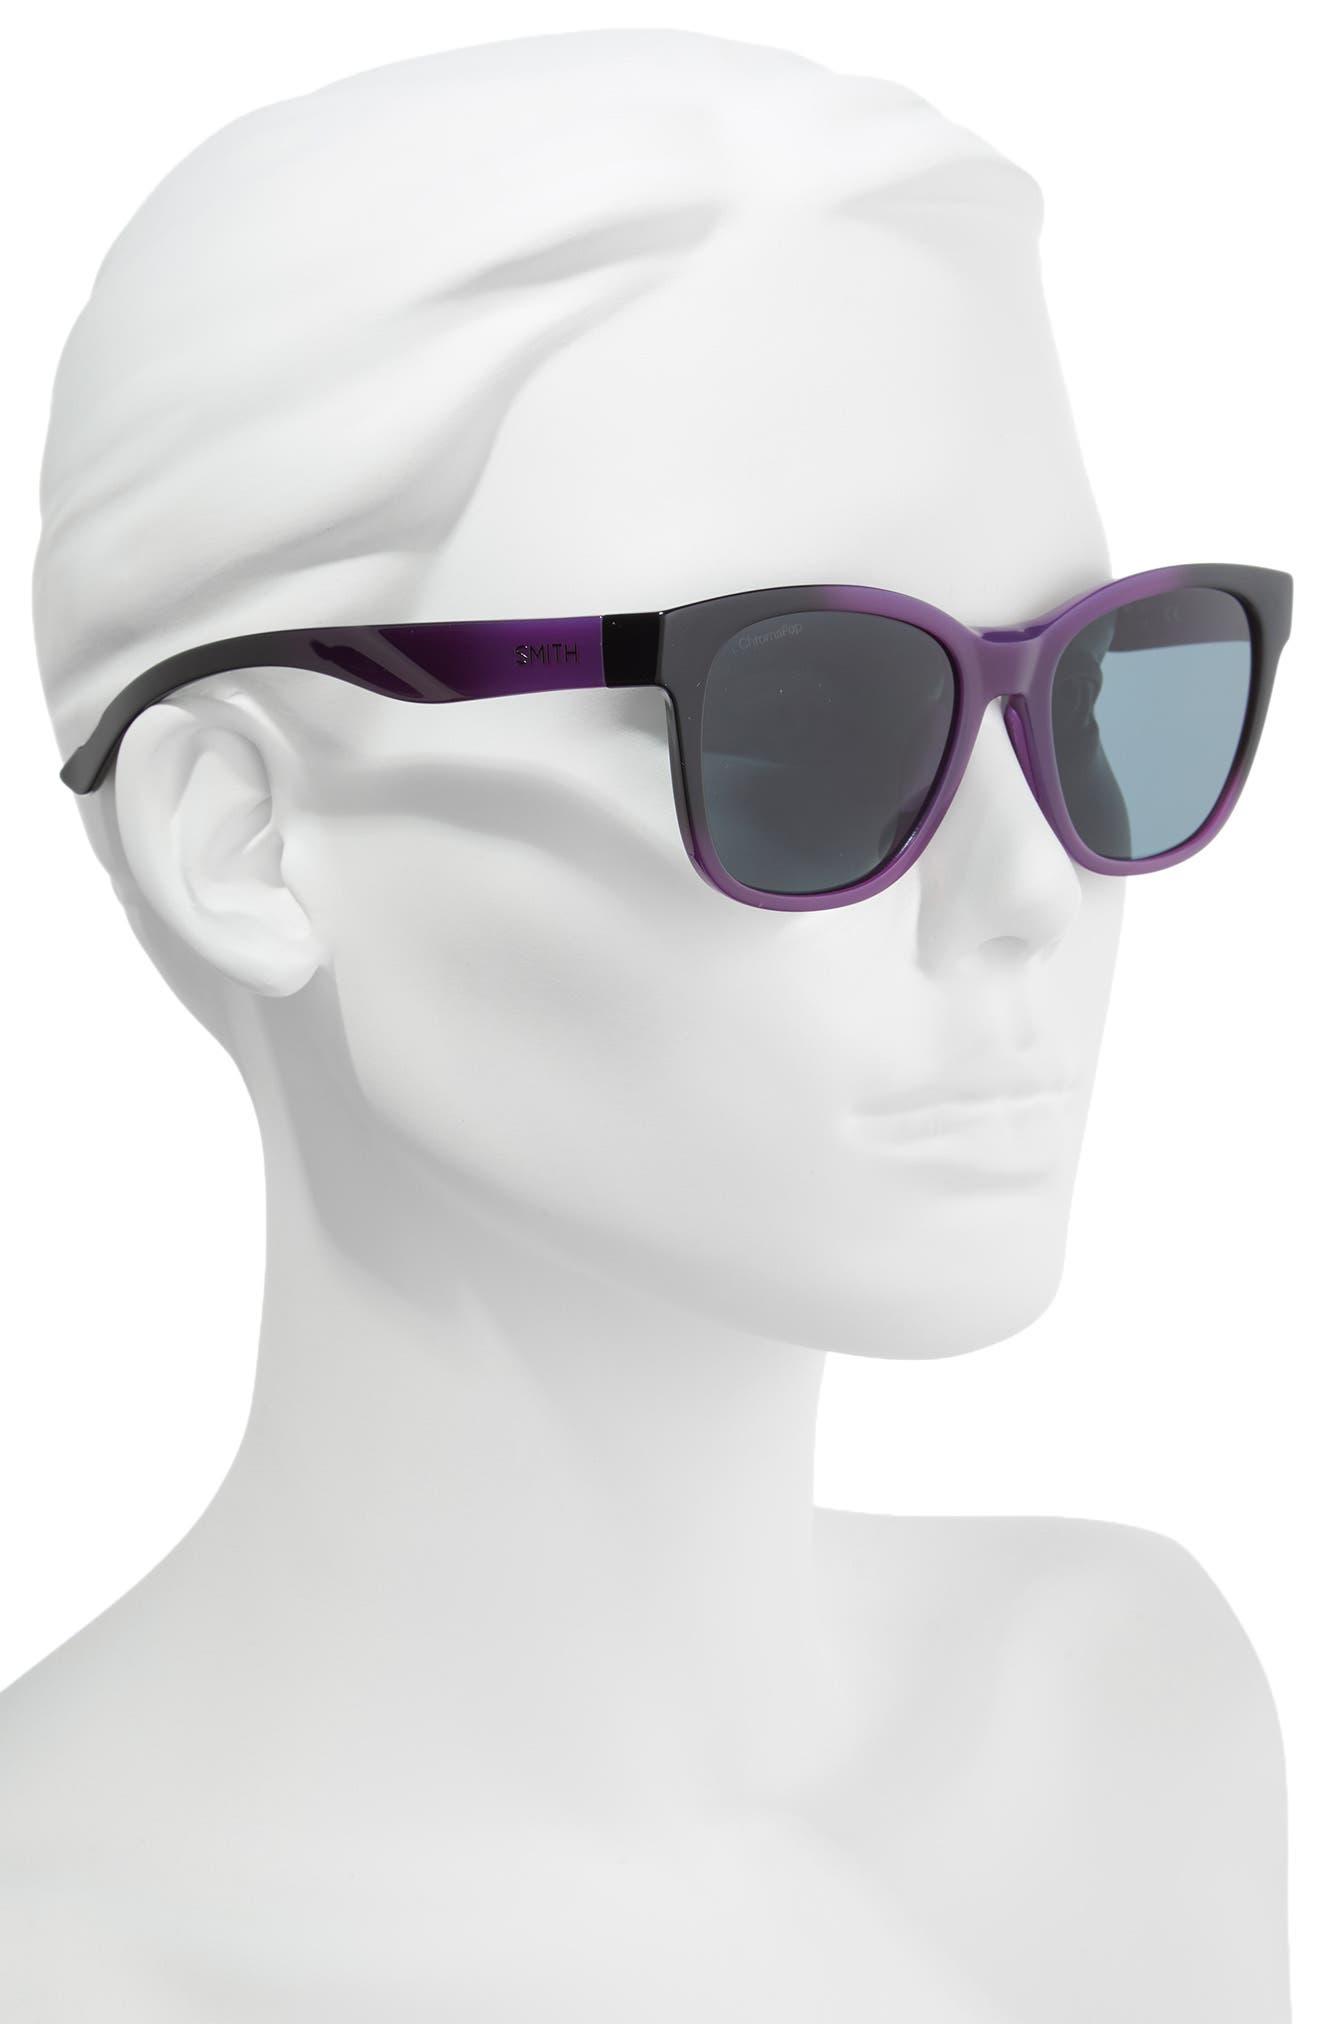 Caper 53mm ChromaPop<sup>™</sup> Square Sunglasses,                             Alternate thumbnail 2, color,                             Violet Spray